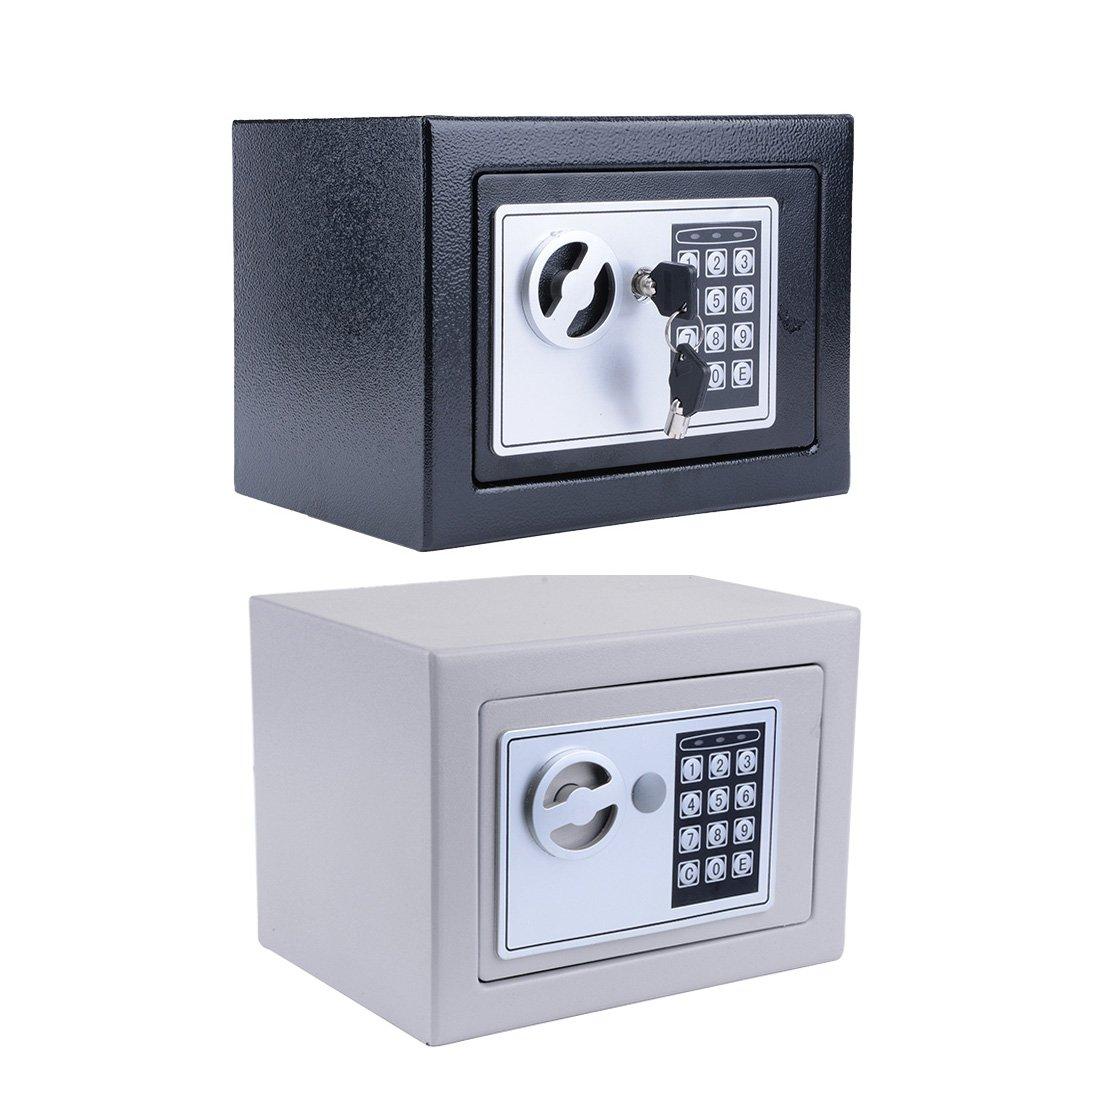 デジタル電子安全セキュリティボックス耐火防水wall-anchoring Safe Deposit Box for MoneyジュエリーCash Batteries – 米国株式 B07F75W9TN Black + Sliver Grey Black + Sliver Grey